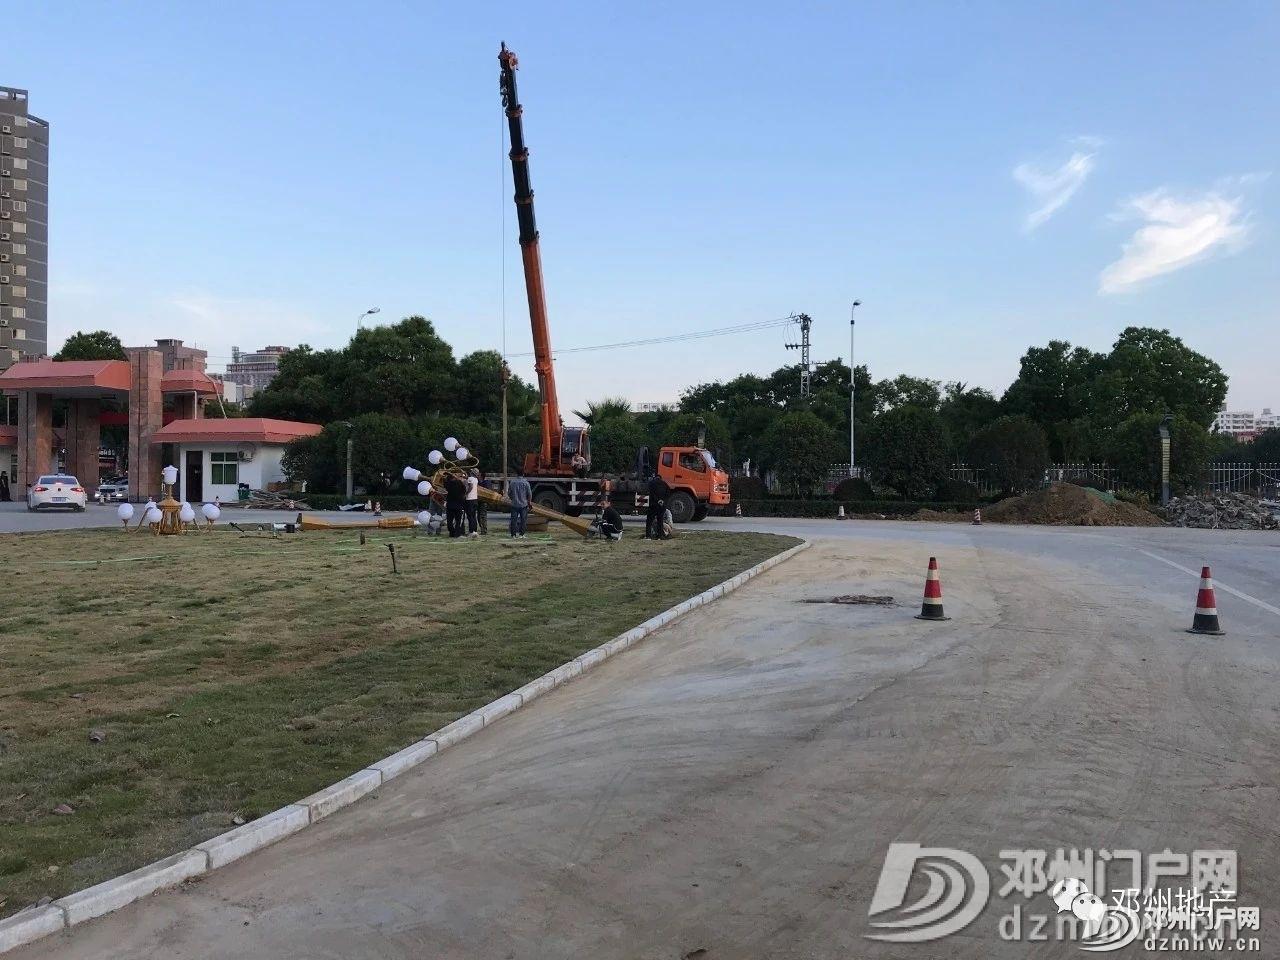 邓州市政府综合办公楼拆除后,变成了这模样…… - 邓州门户网|邓州网 - ff5af00dc0c1bec5f0c2a62bd3f4c371.jpg